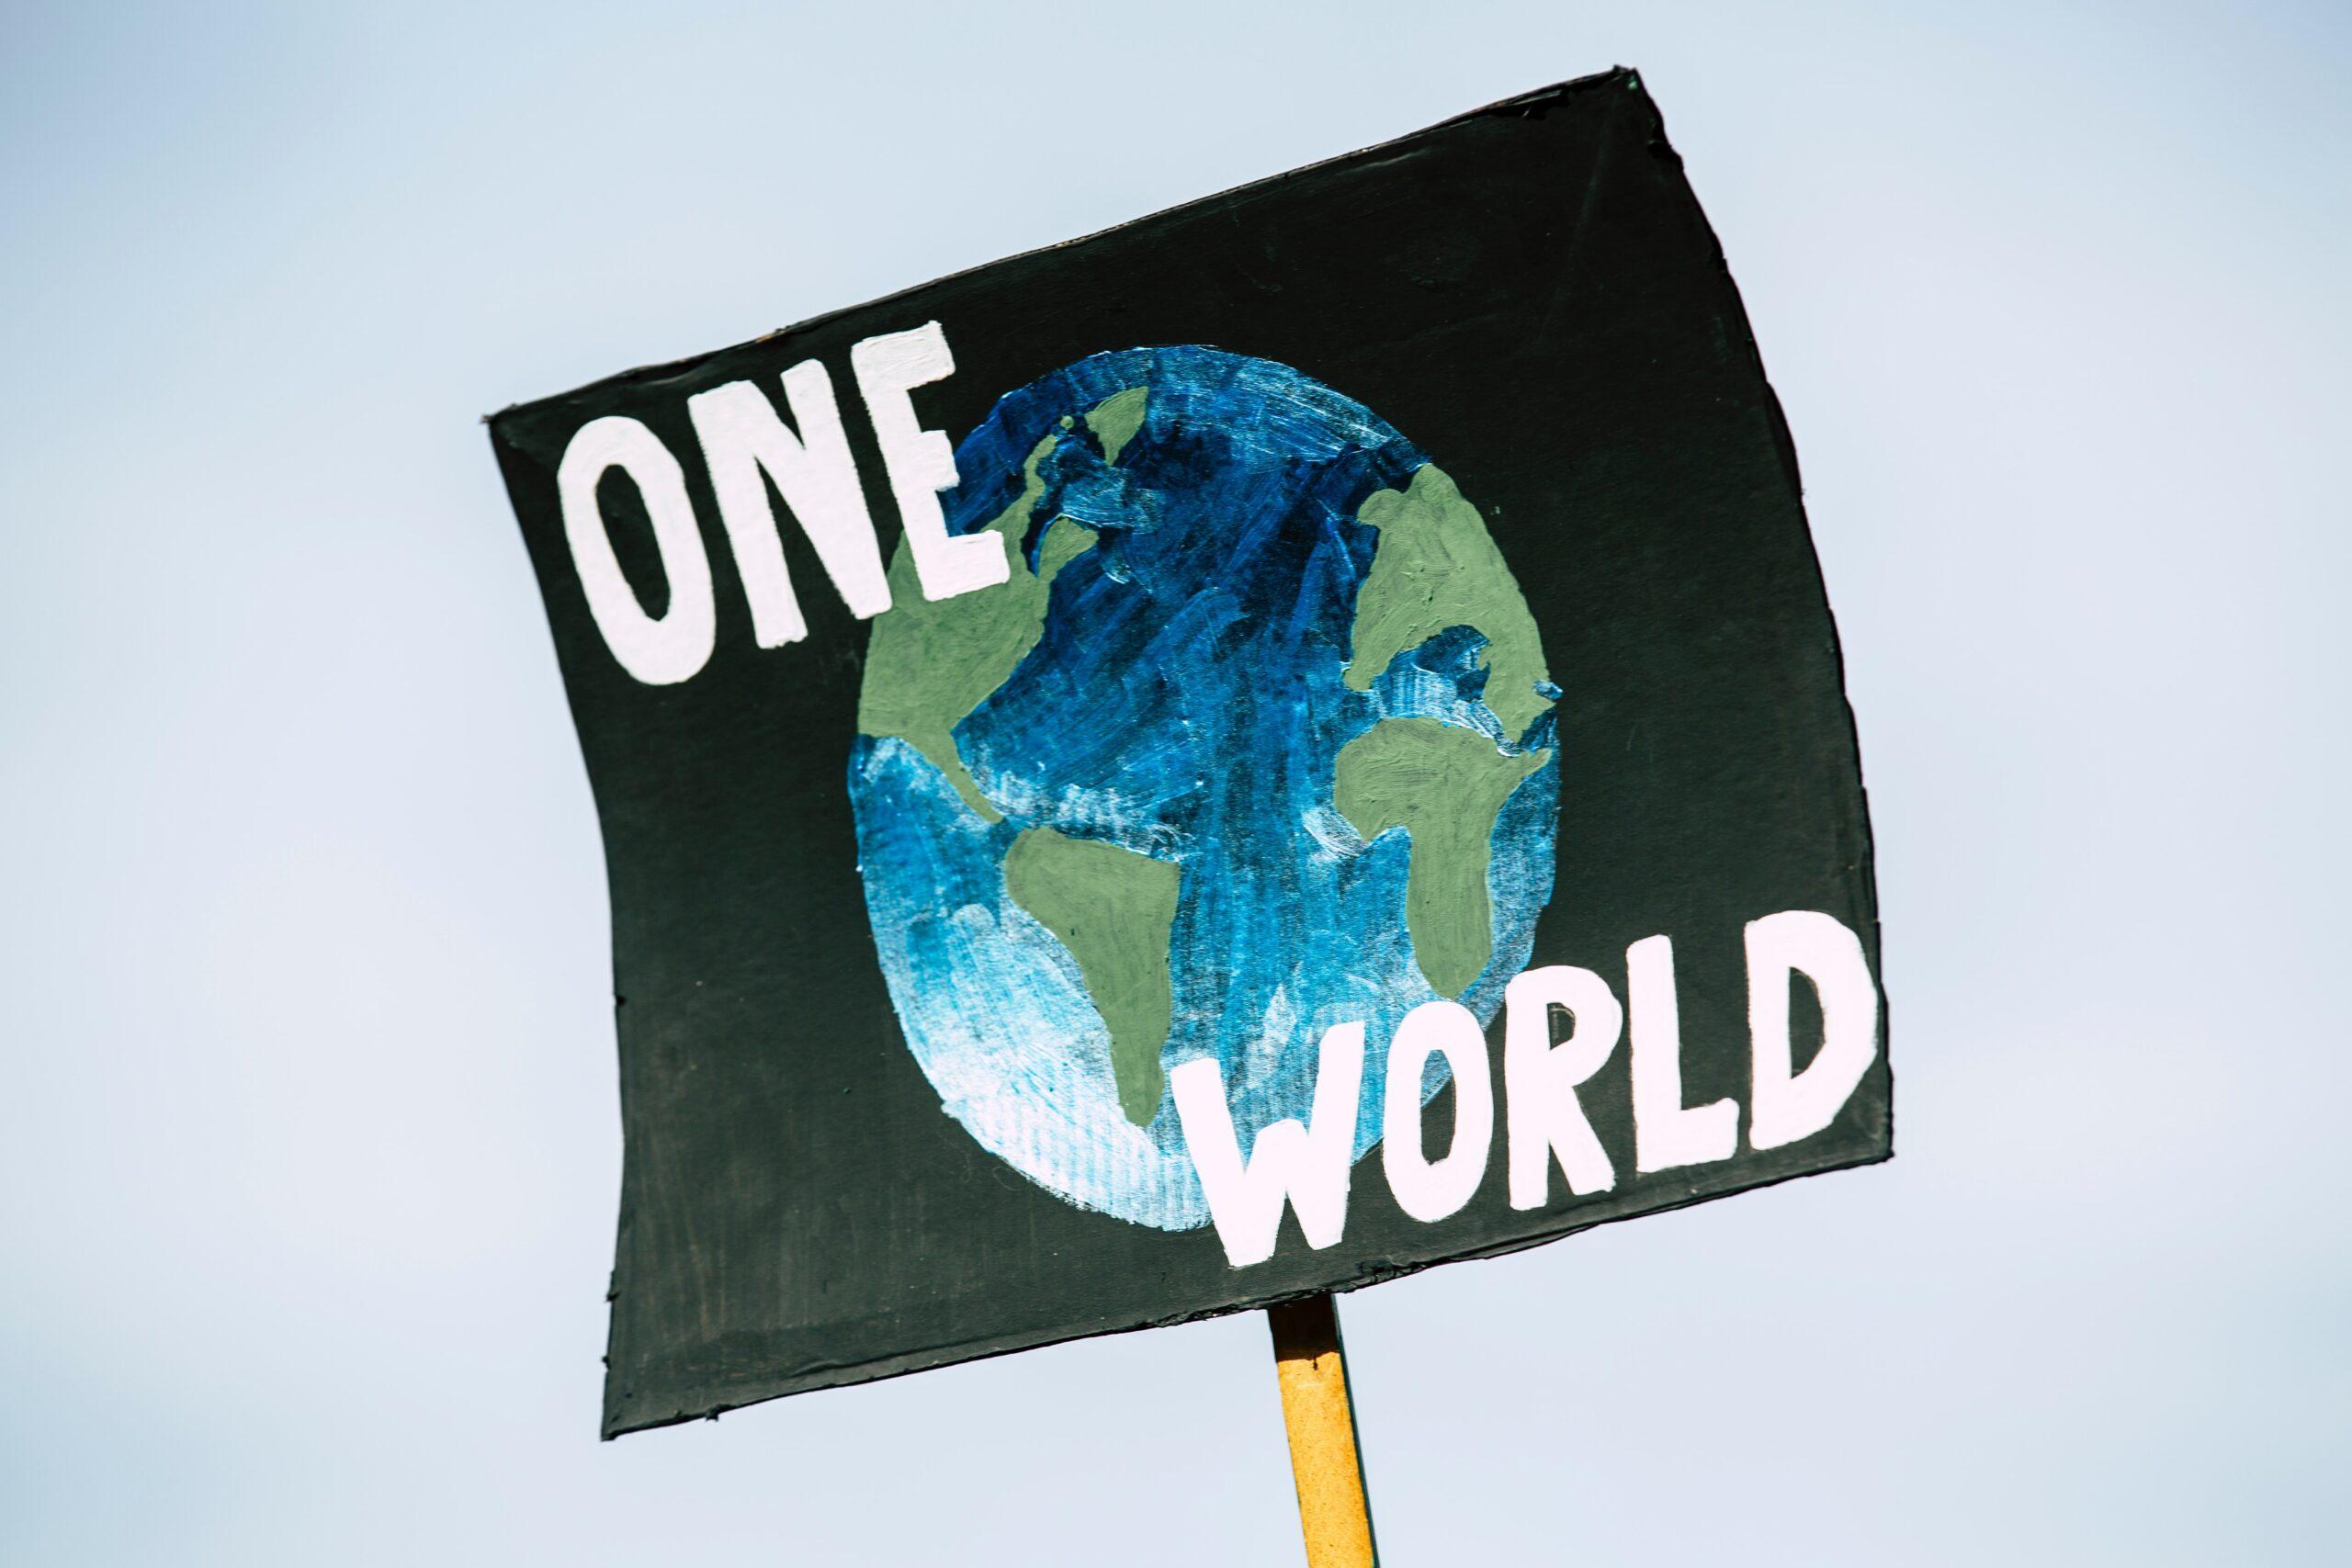 For å regnes som verdens beste land må man også ta hensyn til planeten, ifølge FNs nye indeks for menneskelig utvikling.